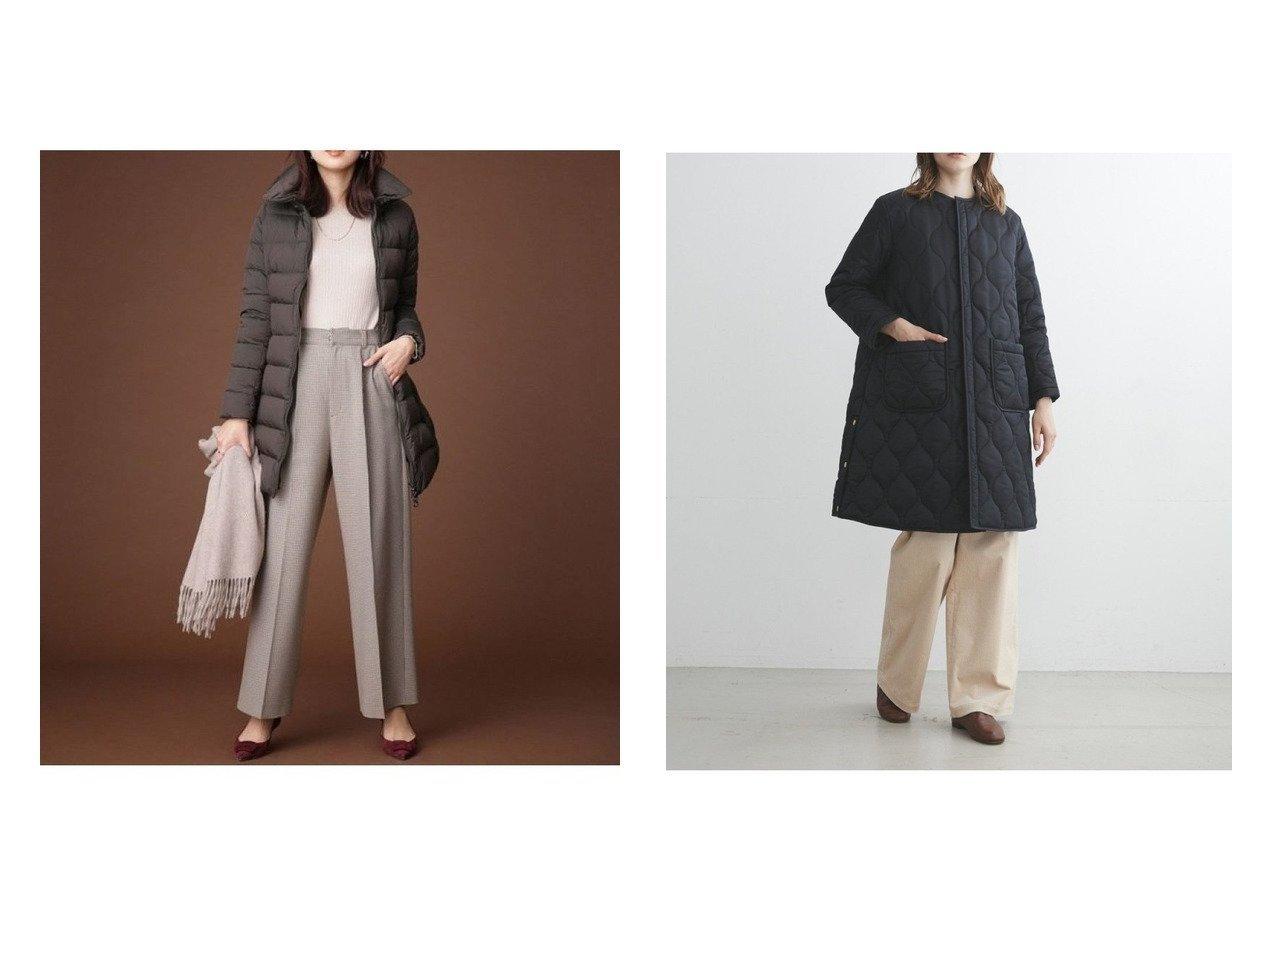 【TWW / Traditional Weatherwear/トラディショナル ウェザーウェア】のARKLEY LONG 2&【TATRAS/タトラス】のPOLITEAMA アウターのおすすめ!人気トレンド・レディースファッションの通販 おすすめで人気のファッション通販商品 インテリア・家具・キッズファッション・メンズファッション・レディースファッション・服の通販 founy(ファニー) https://founy.com/ ファッション Fashion レディースファッション WOMEN アウター Coat Outerwear コート Coats ジャケット Jackets キルティング ジップアップ ジャケット バランス フロント イタリア ダウン ダブル 定番 人気 ベーシック ミラノ ラグジュアリー ワイド A/W 秋冬 Autumn &  Winter  ID:crp329100000007575